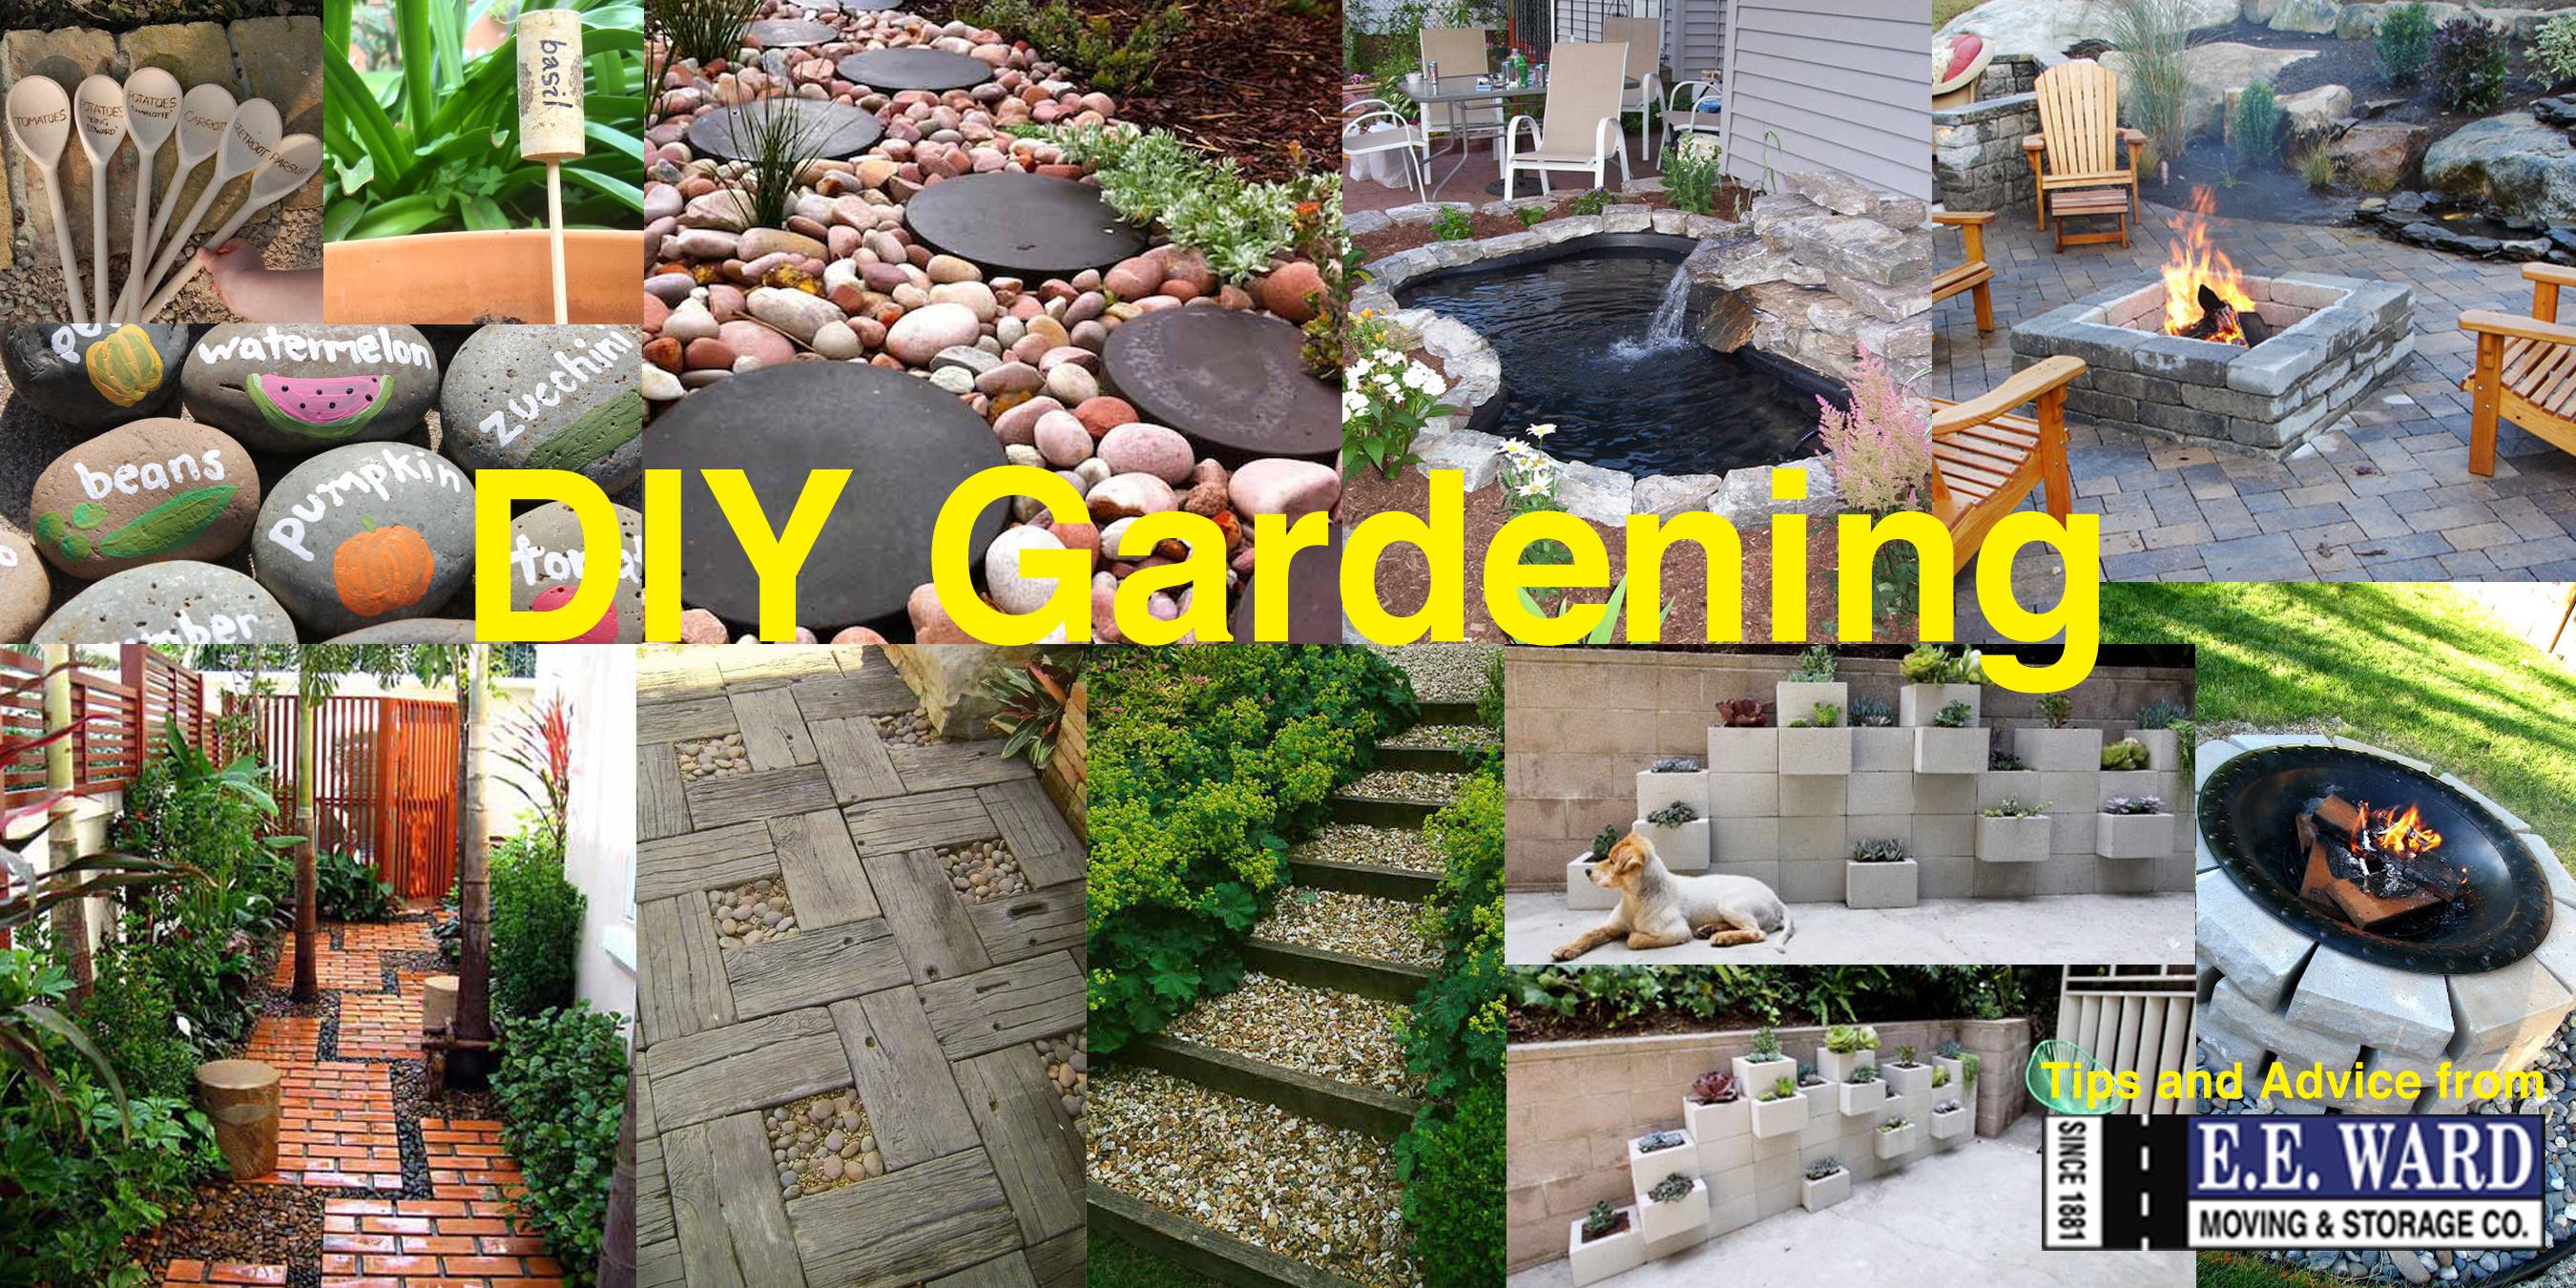 E.E. Ward DIY Gardening